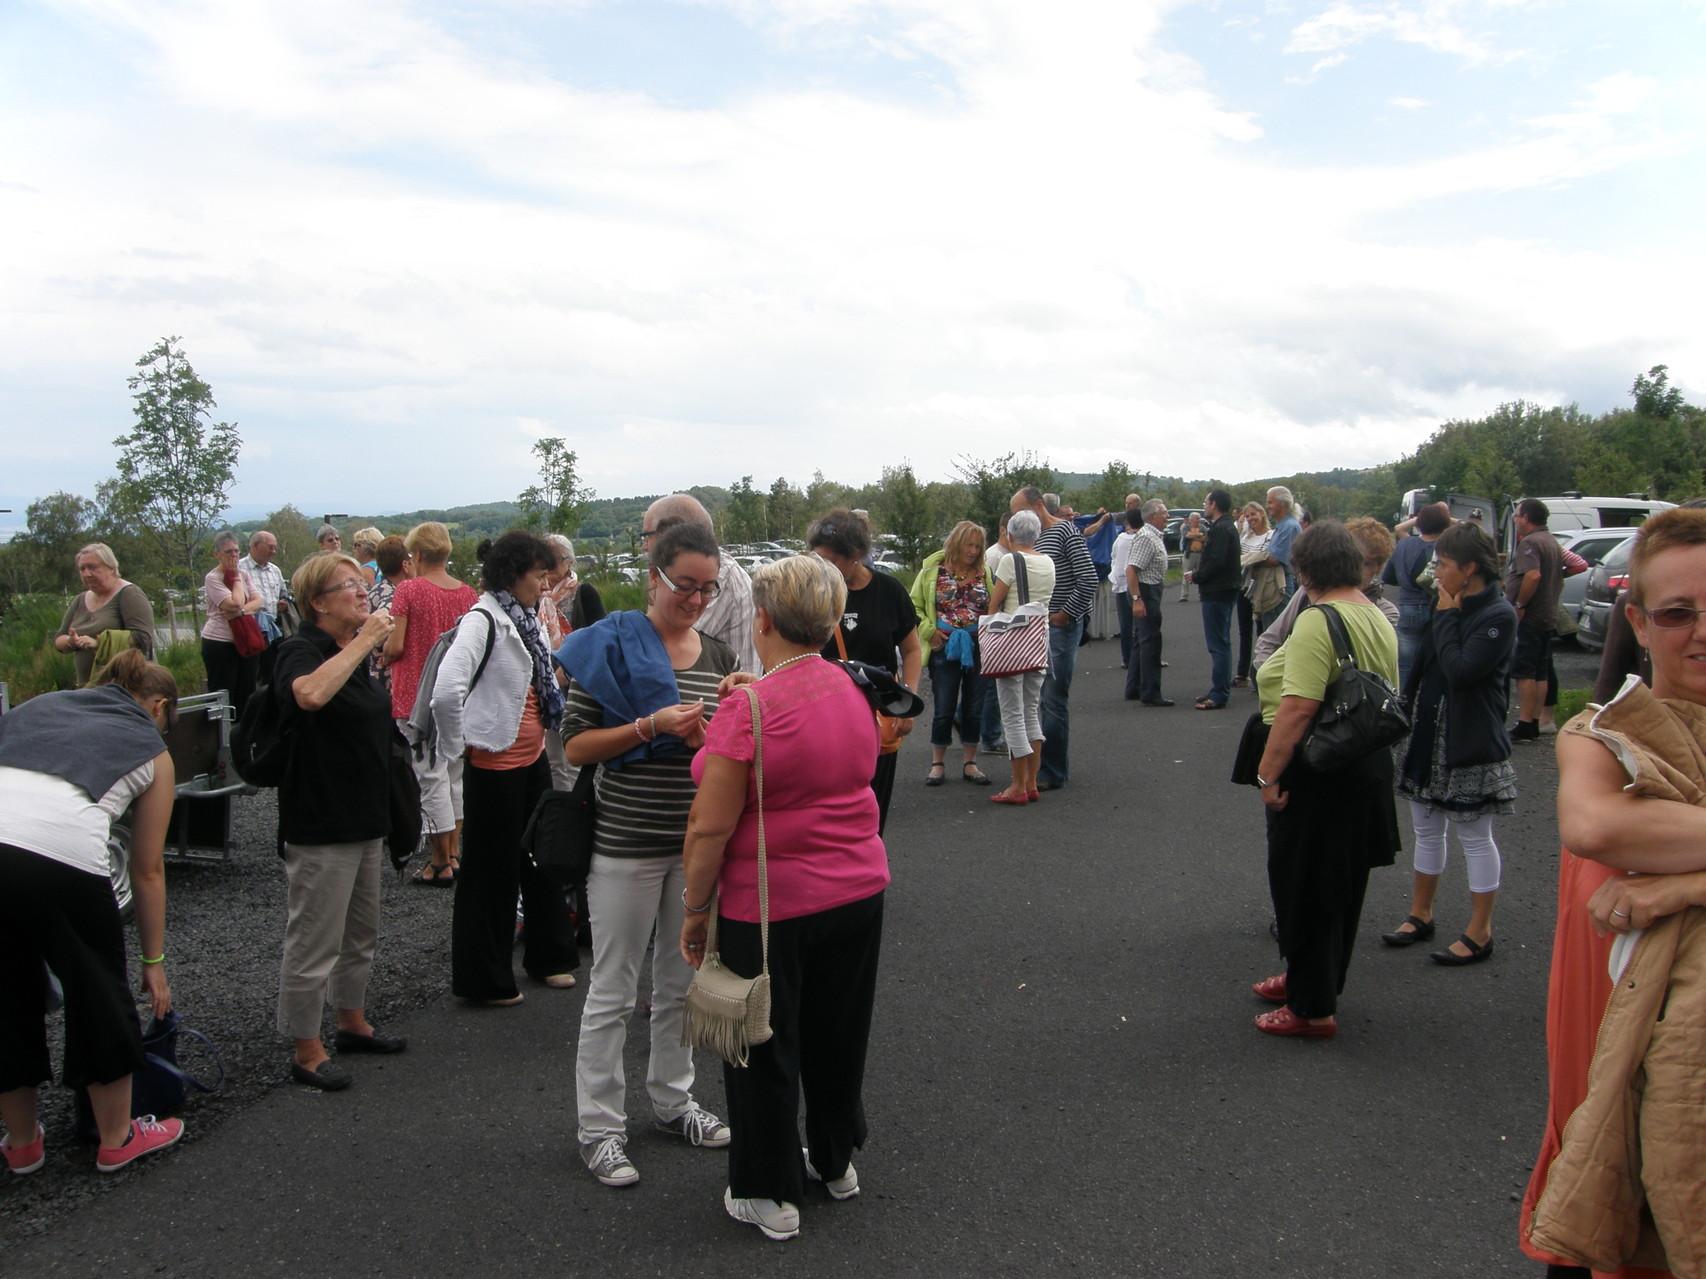 La rencontre avec nos amis au pied du Puy de Dôme